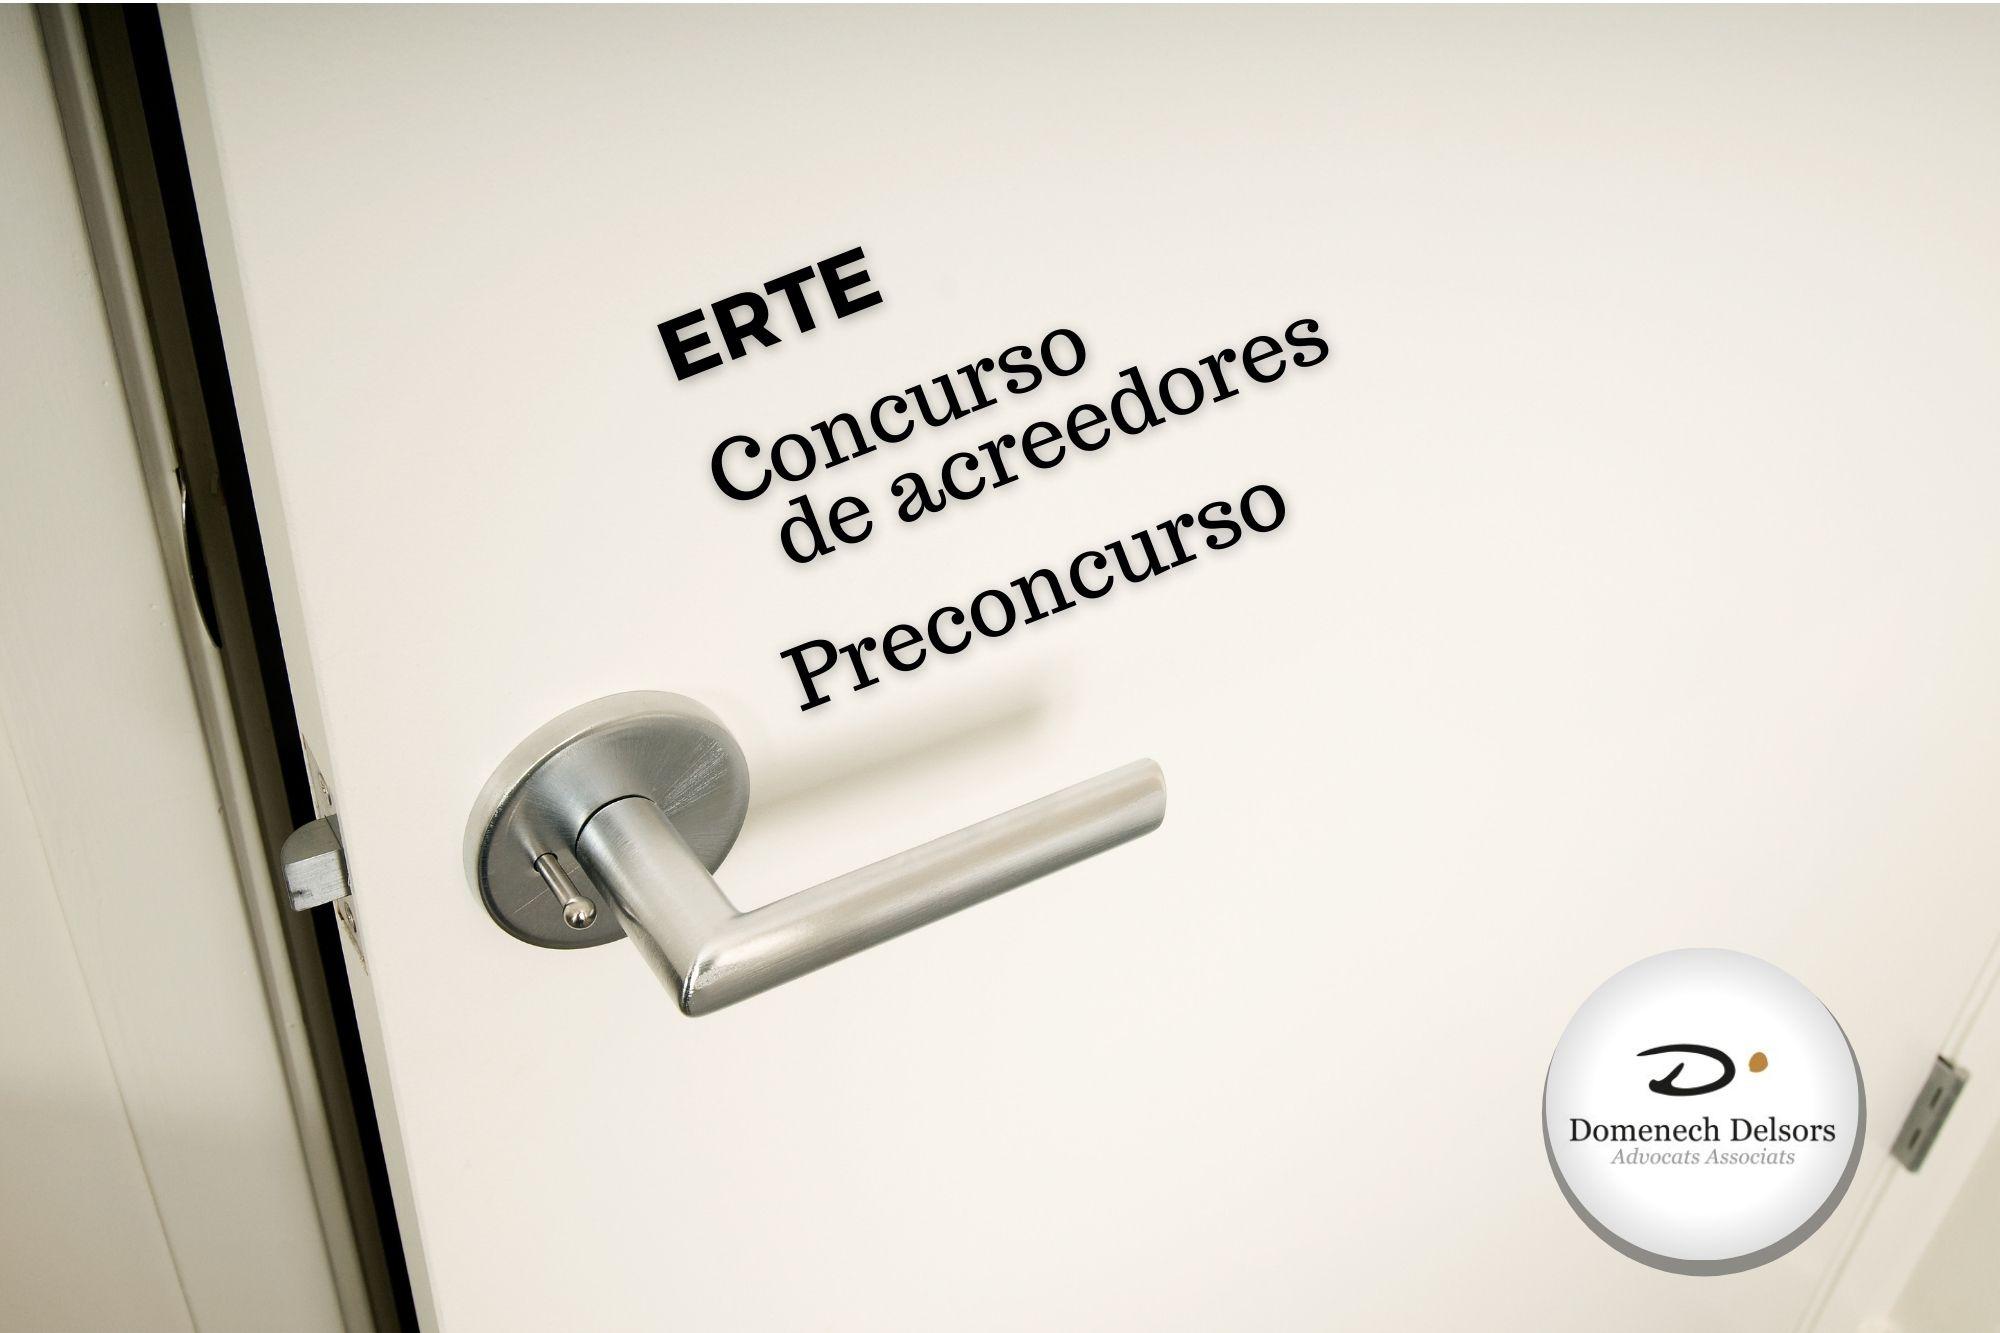 ERTE Y Concurso De Acreedores, Soluciones Frente A La Crisis De La Covid-19